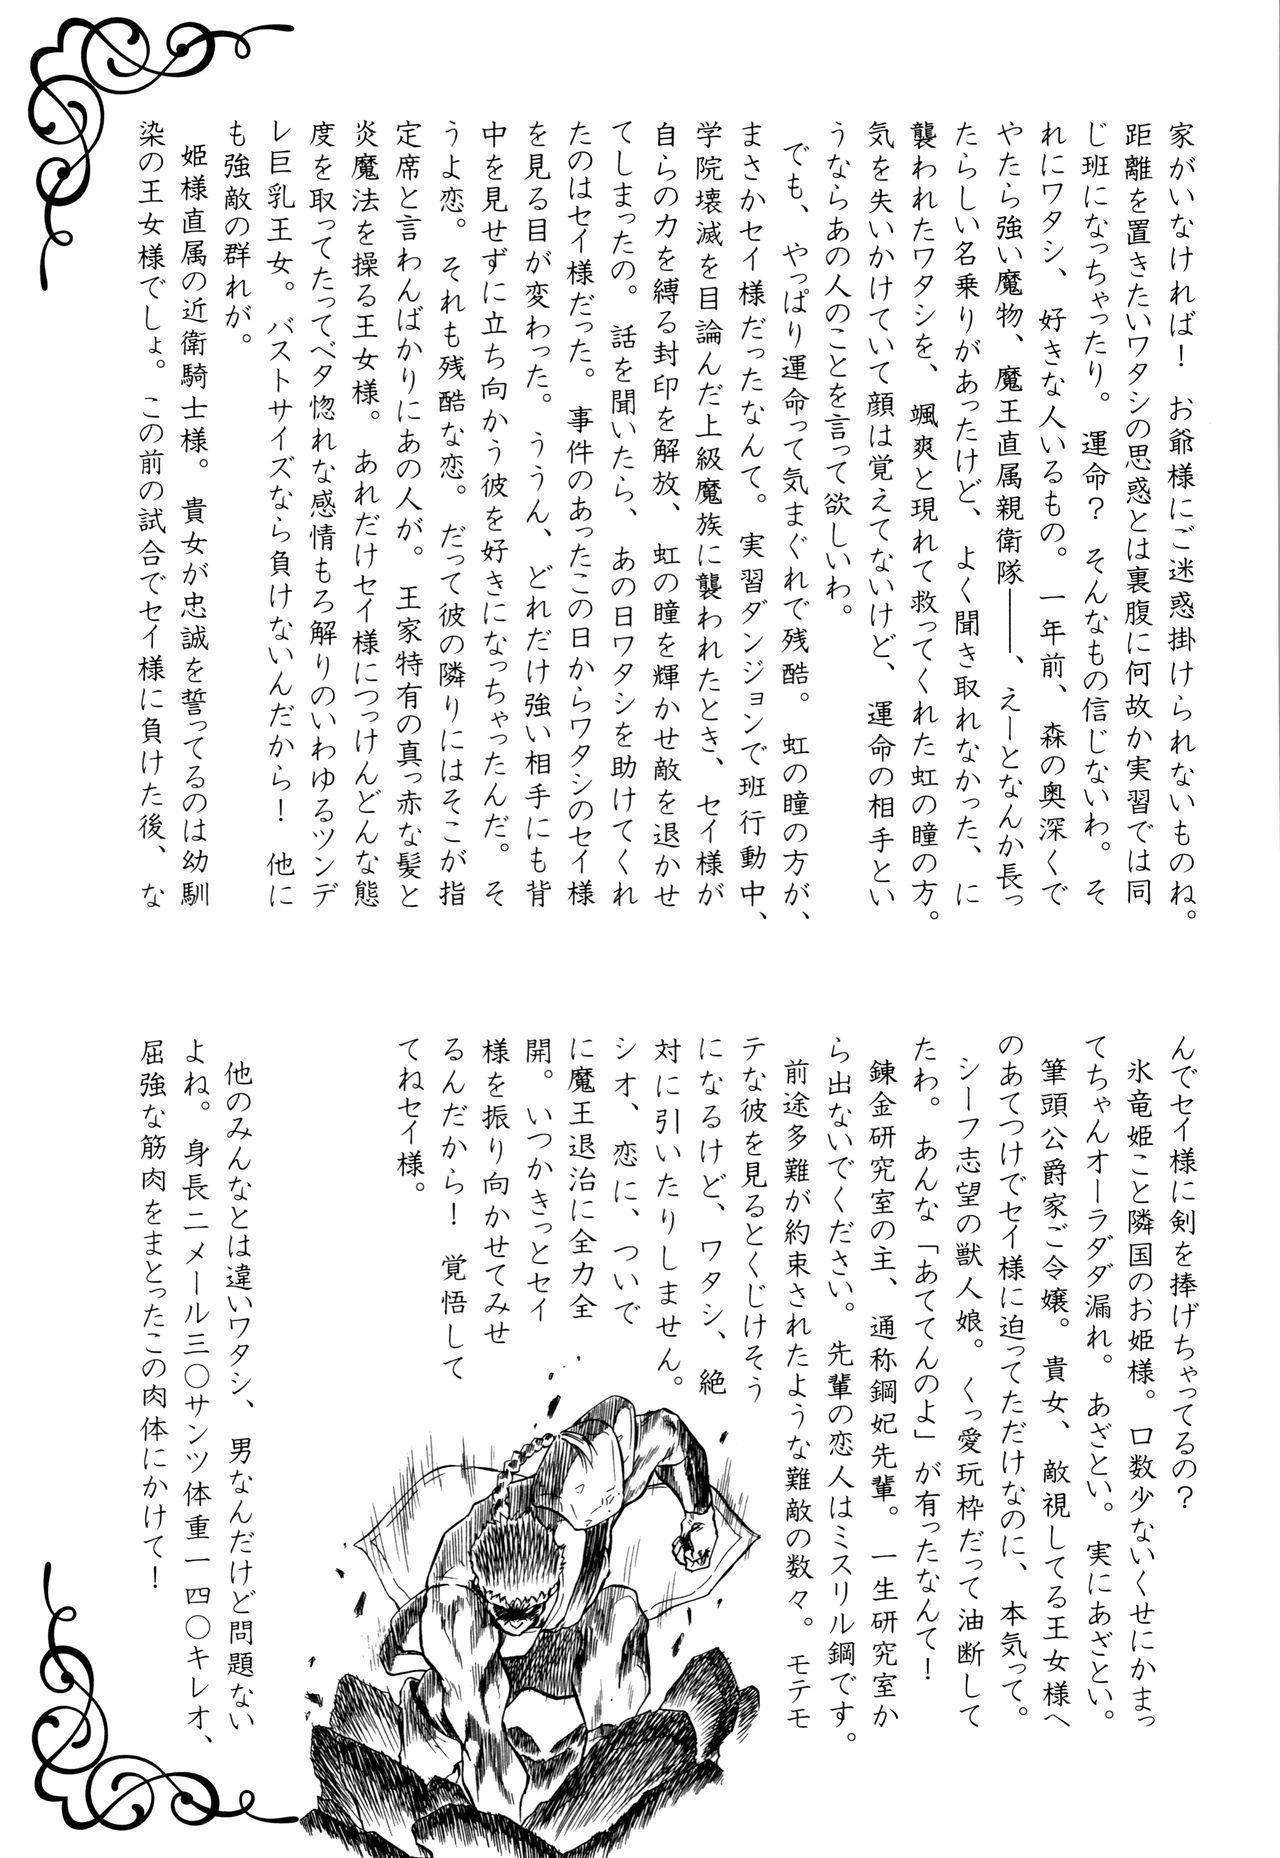 Chiccha Harem - Harem of Little Princesses 191